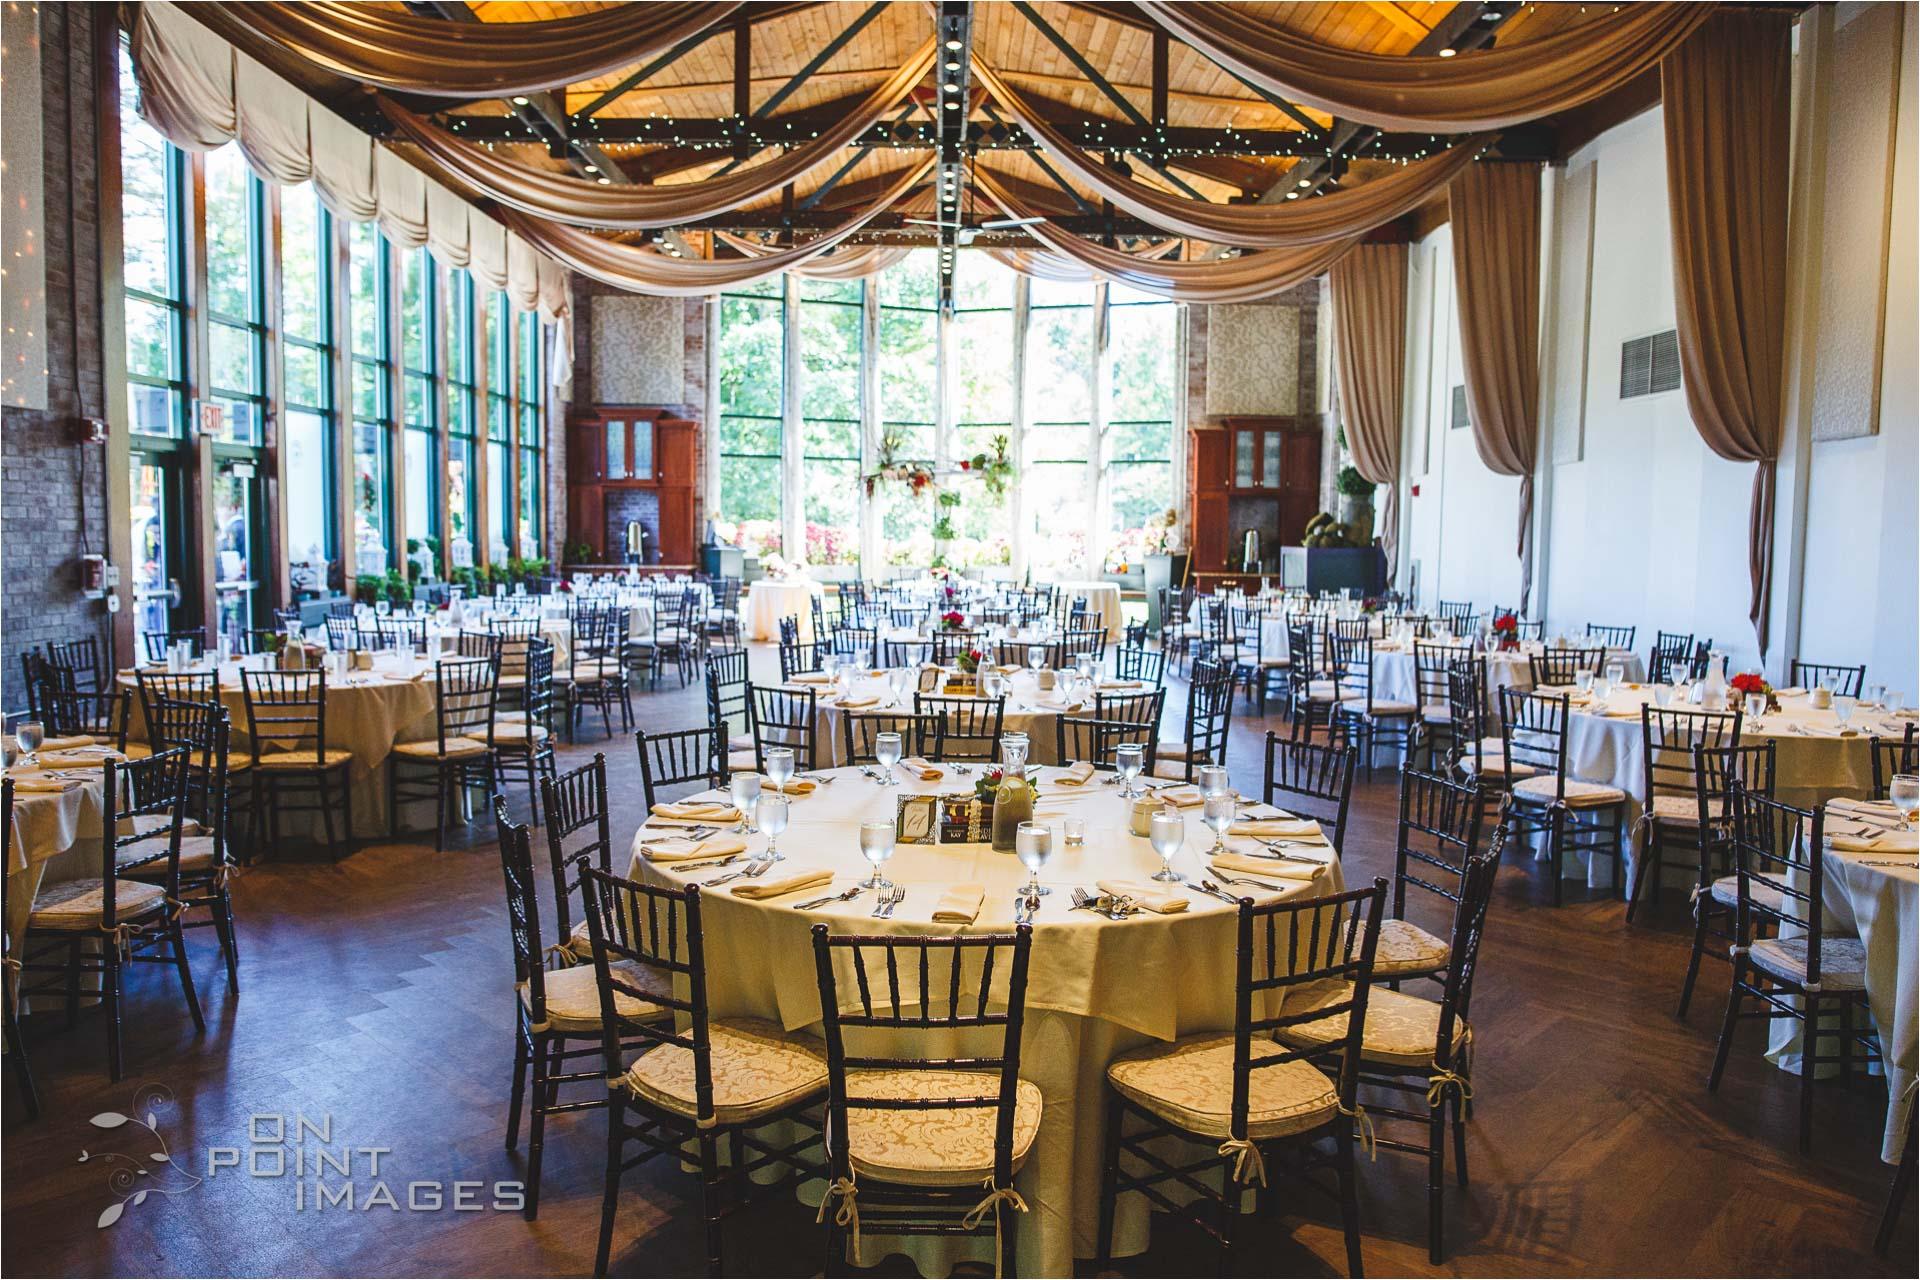 Pond House Café Banquet Hall